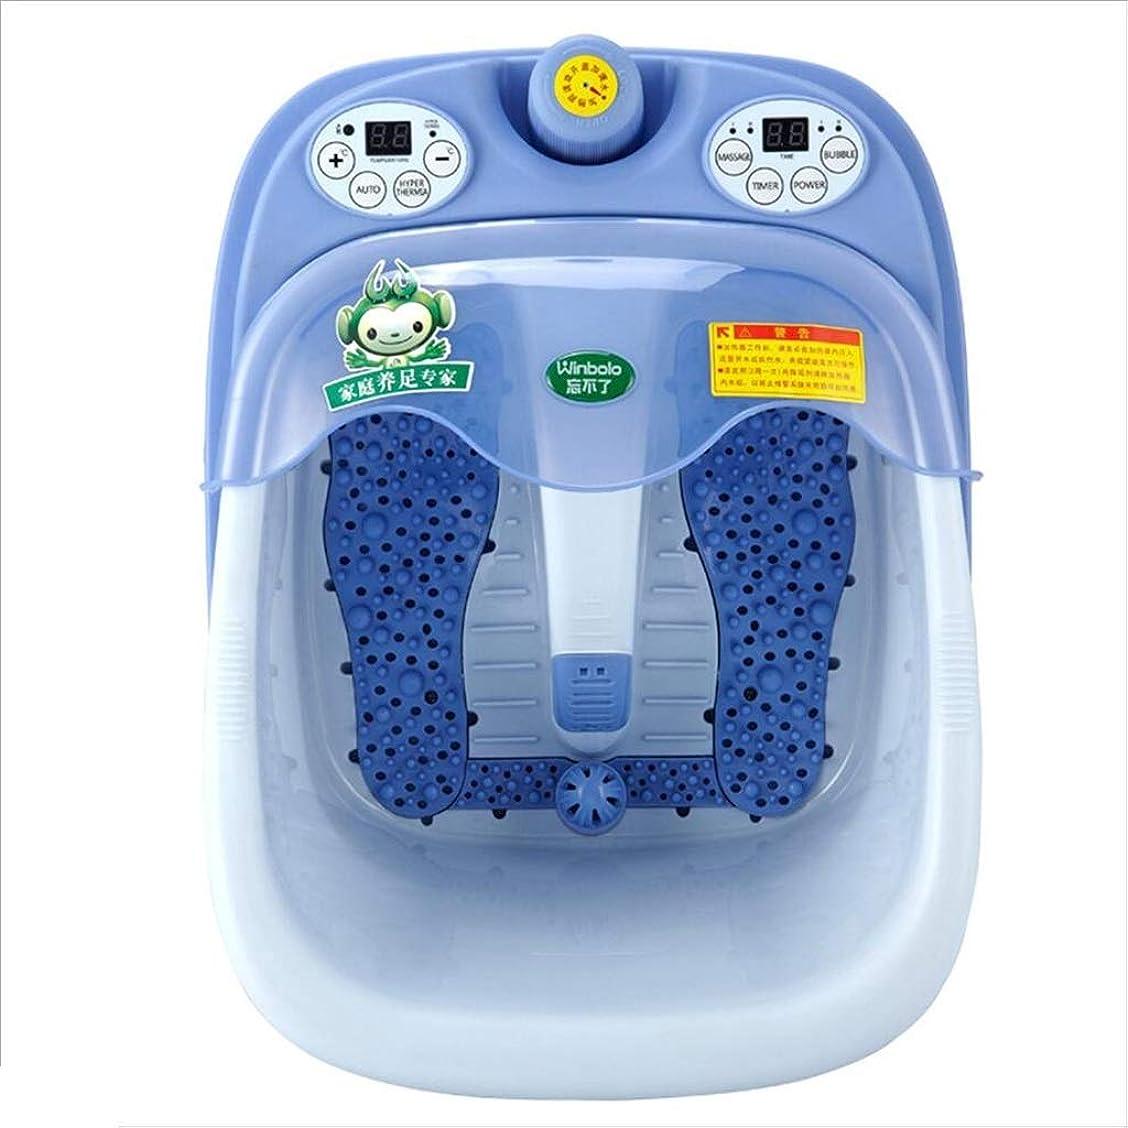 机壮大言い換えるとGWM 理性的な声のマッサージの洗面器、自動マッサージの泡の洗面器の暖房のフィートのマッサージ機械